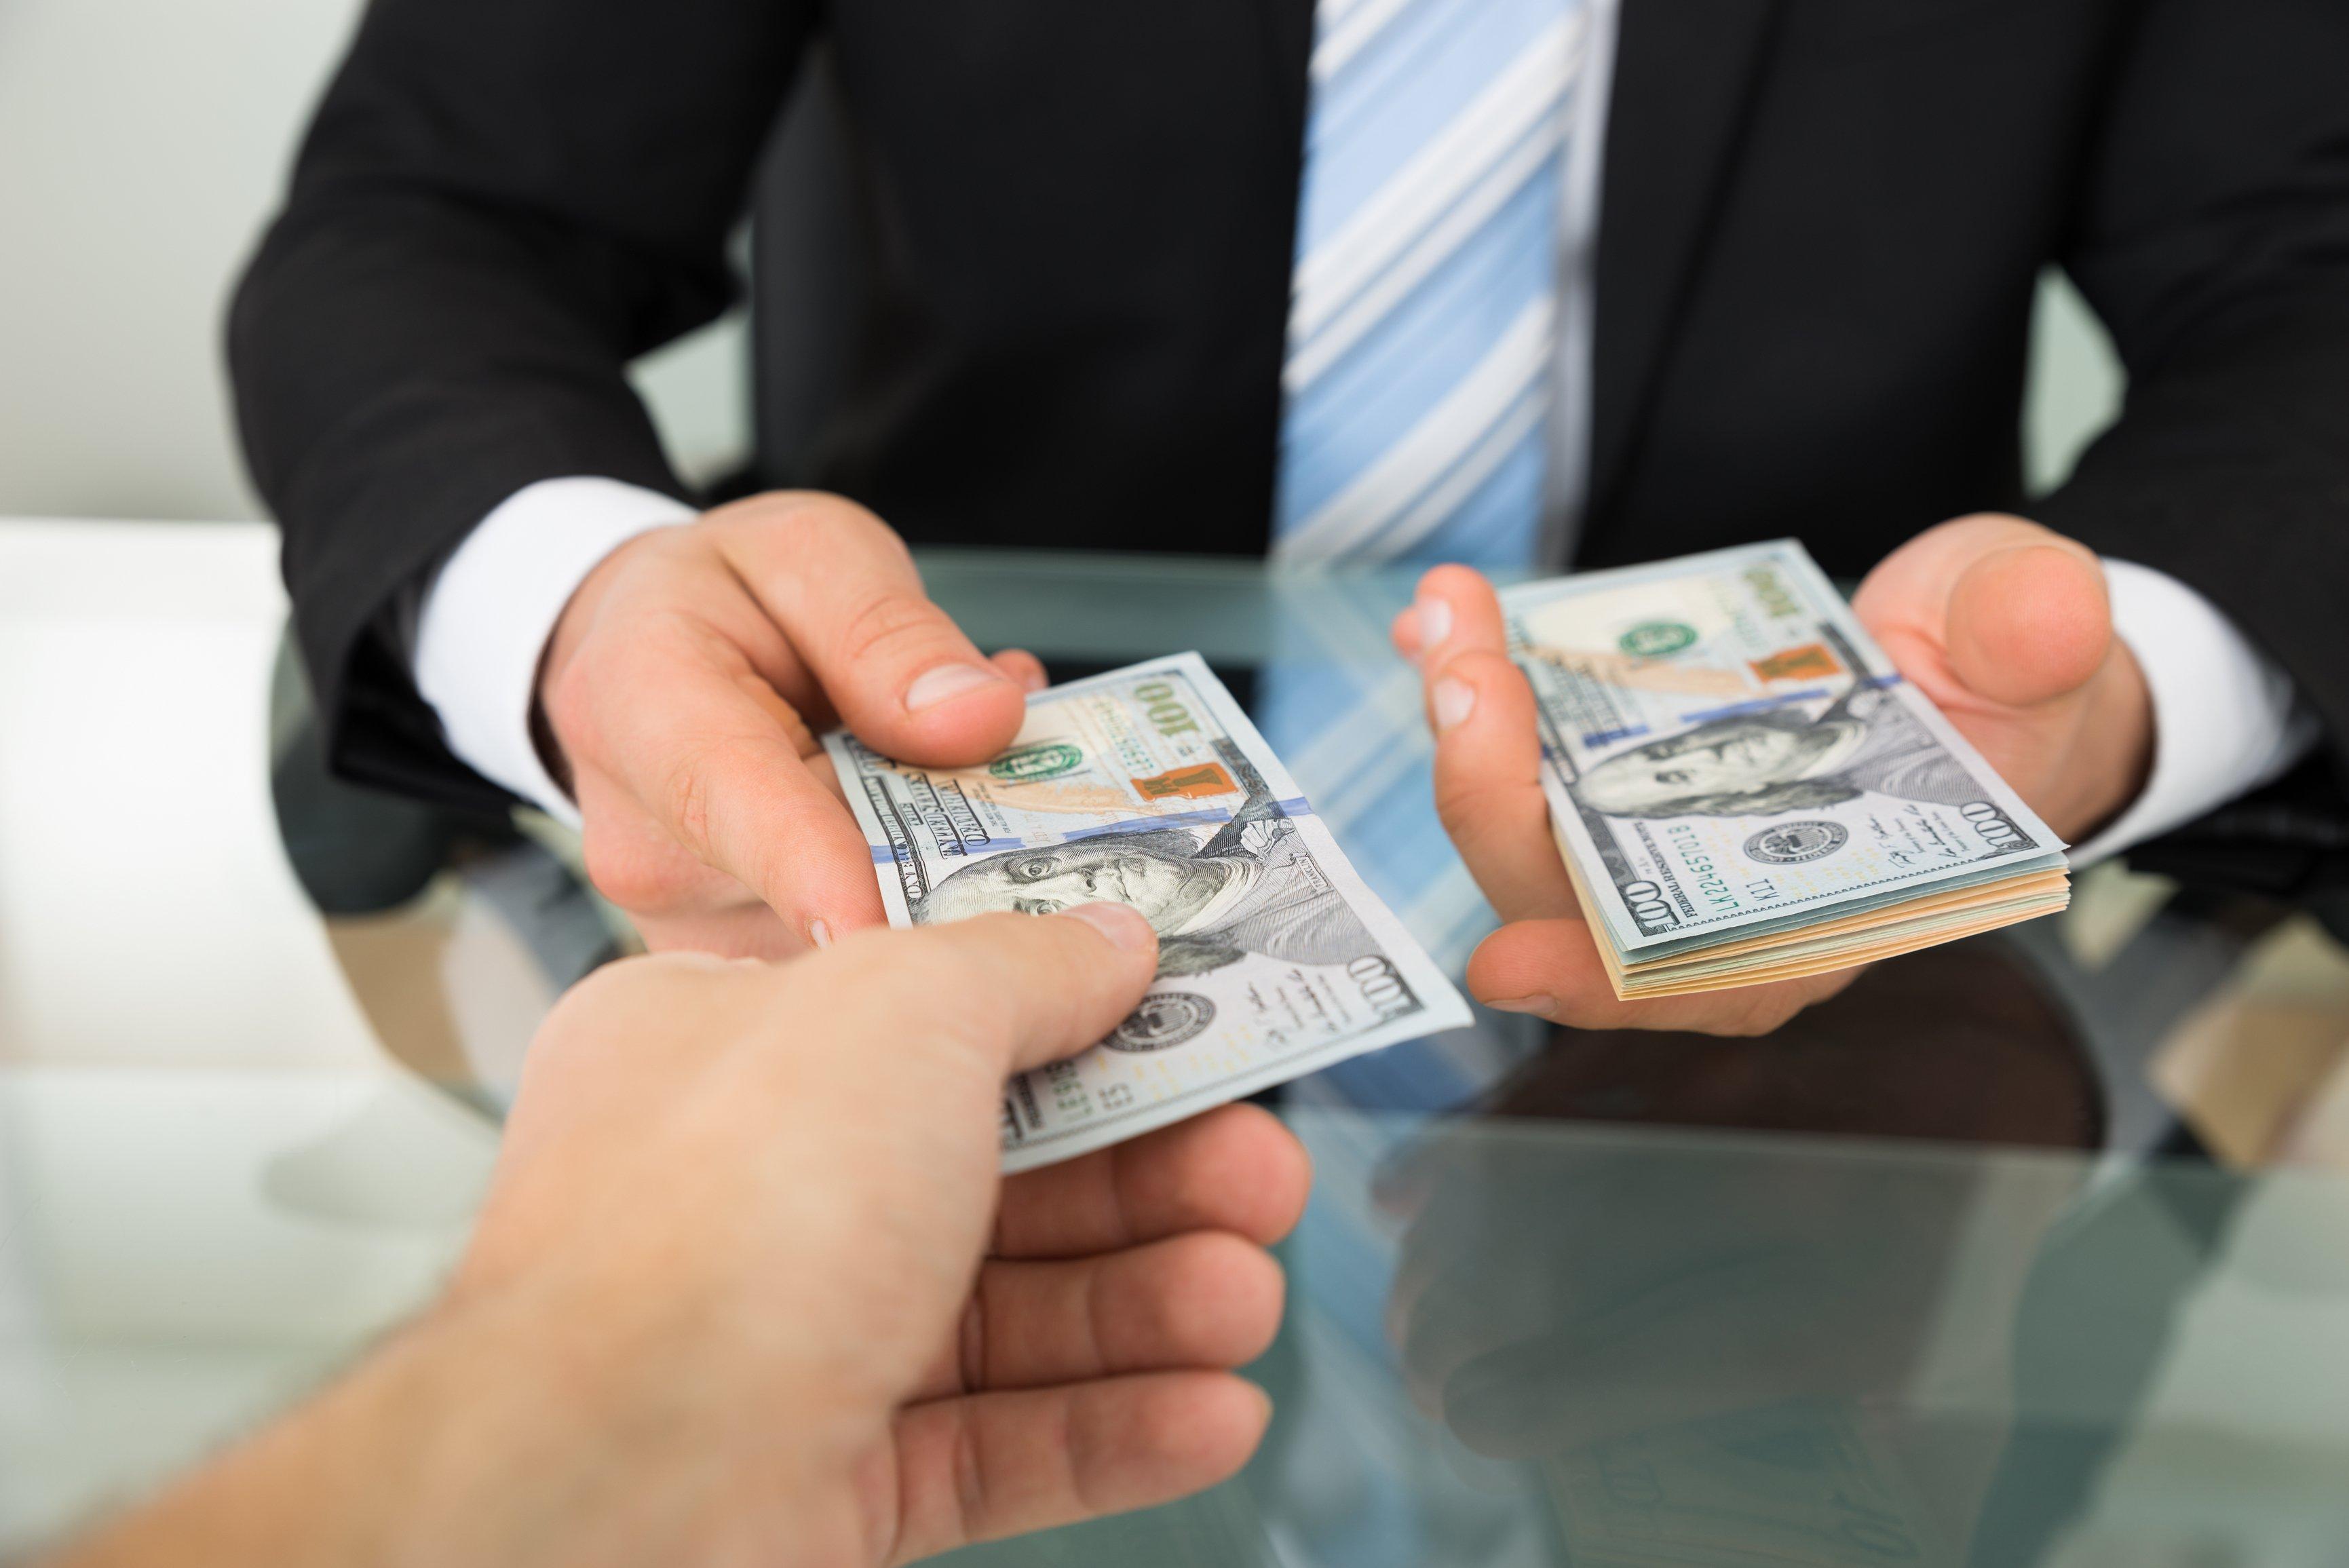 время, деньги в долг или в кредит каково